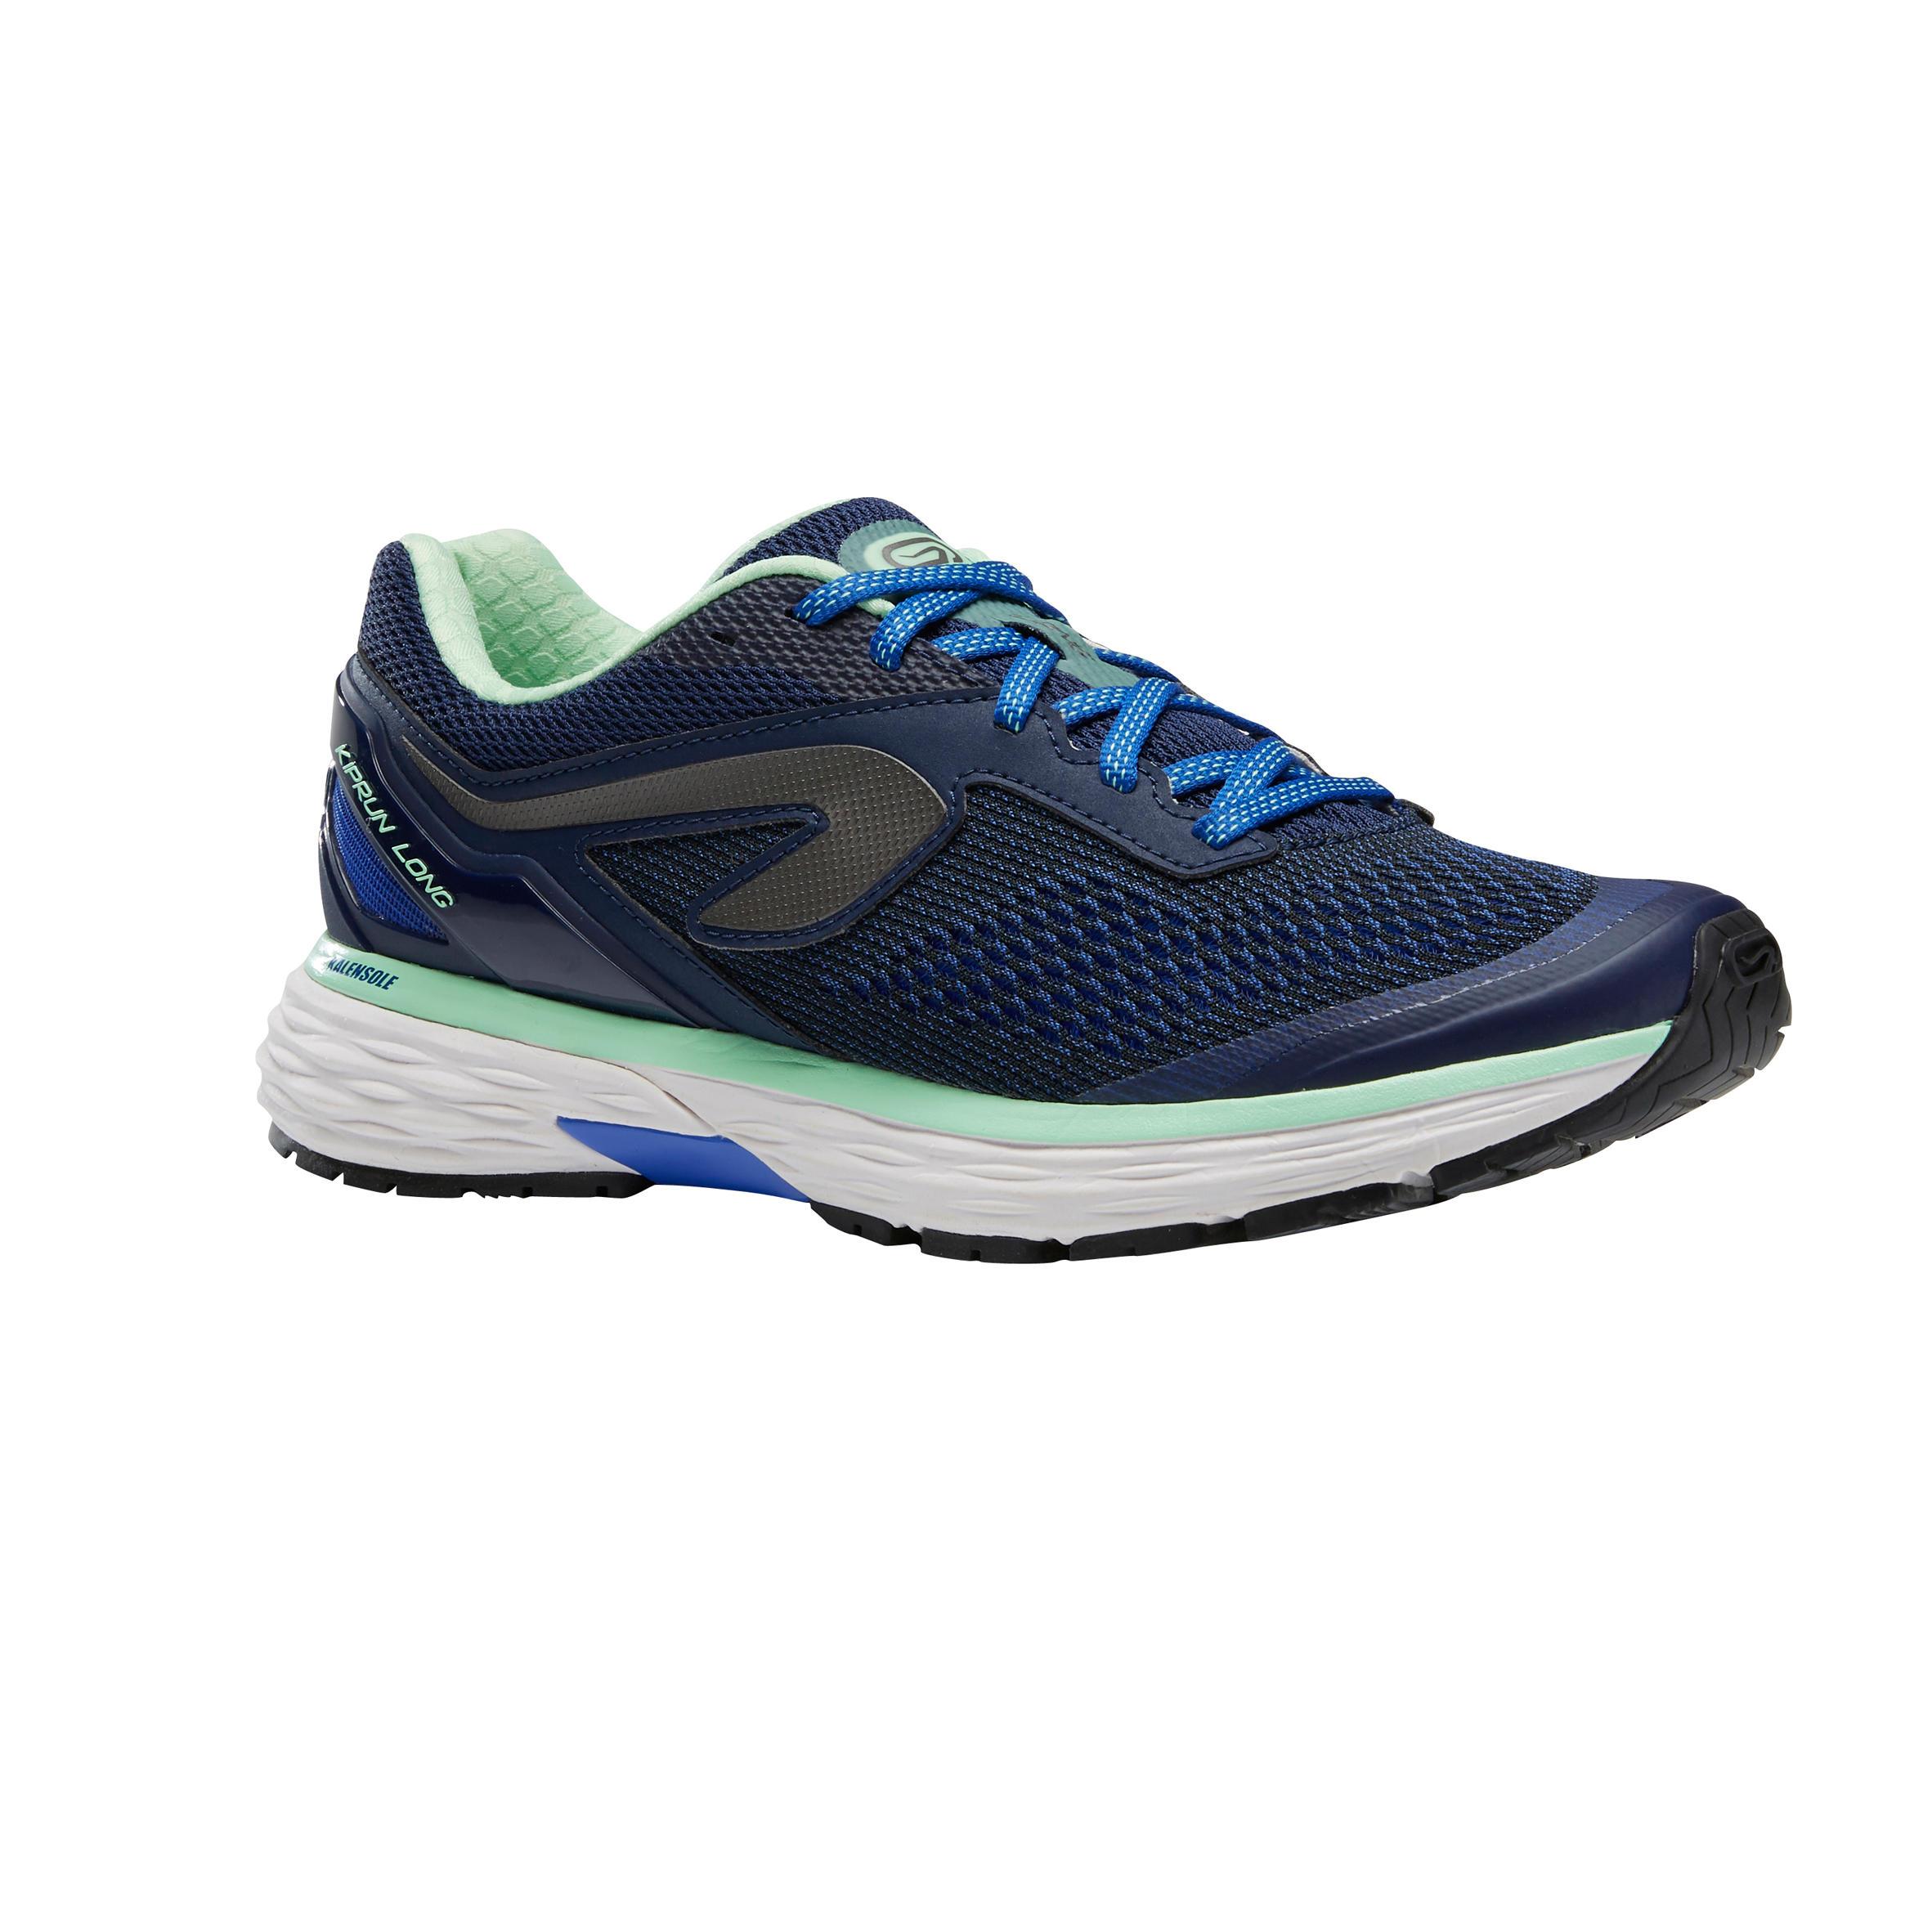 305511e39 Comprar Zapatillas de running para correr mujer